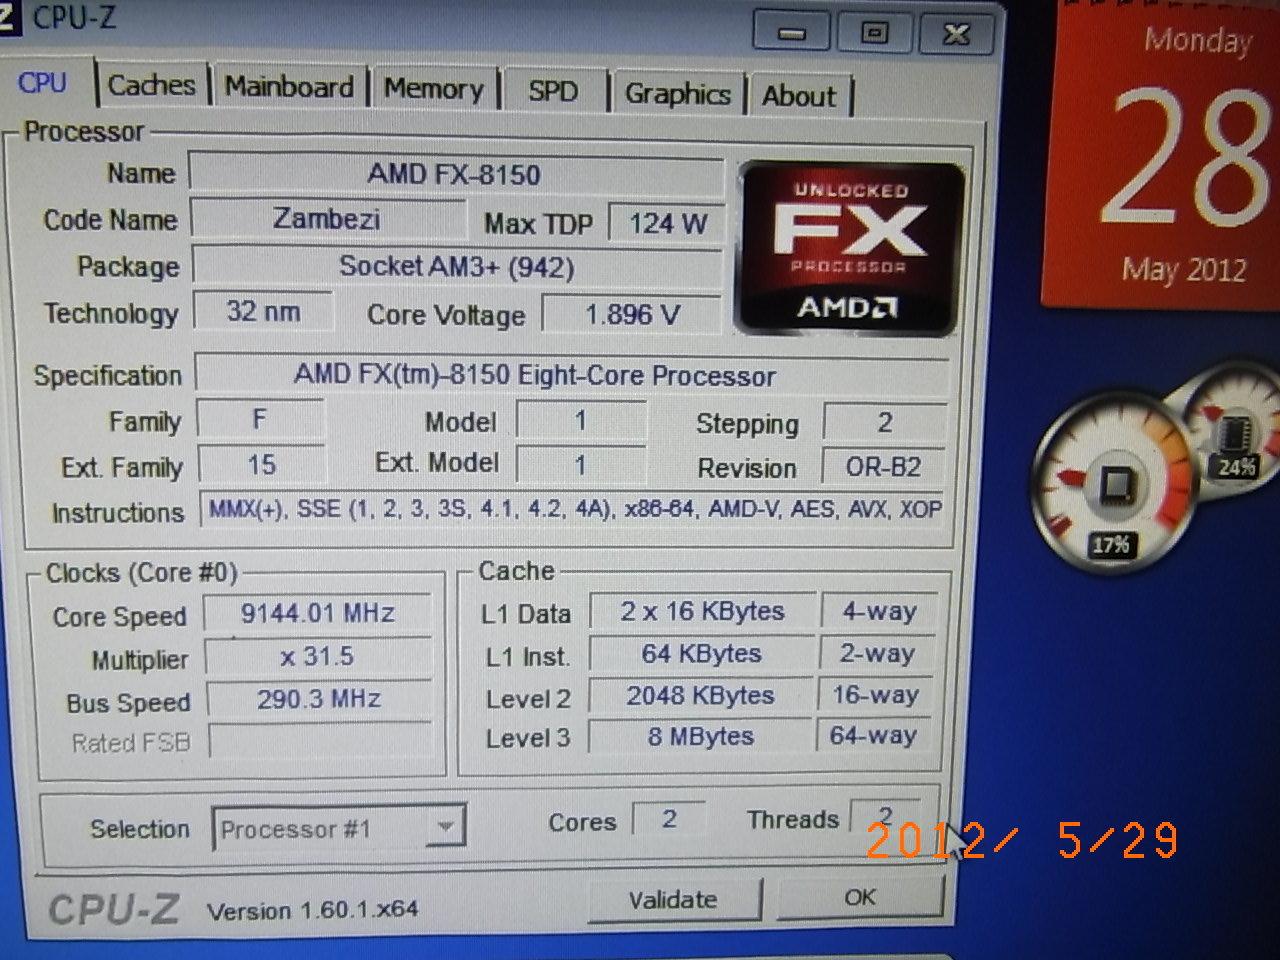 AMD FX-8150 bei 9144,01 MHz